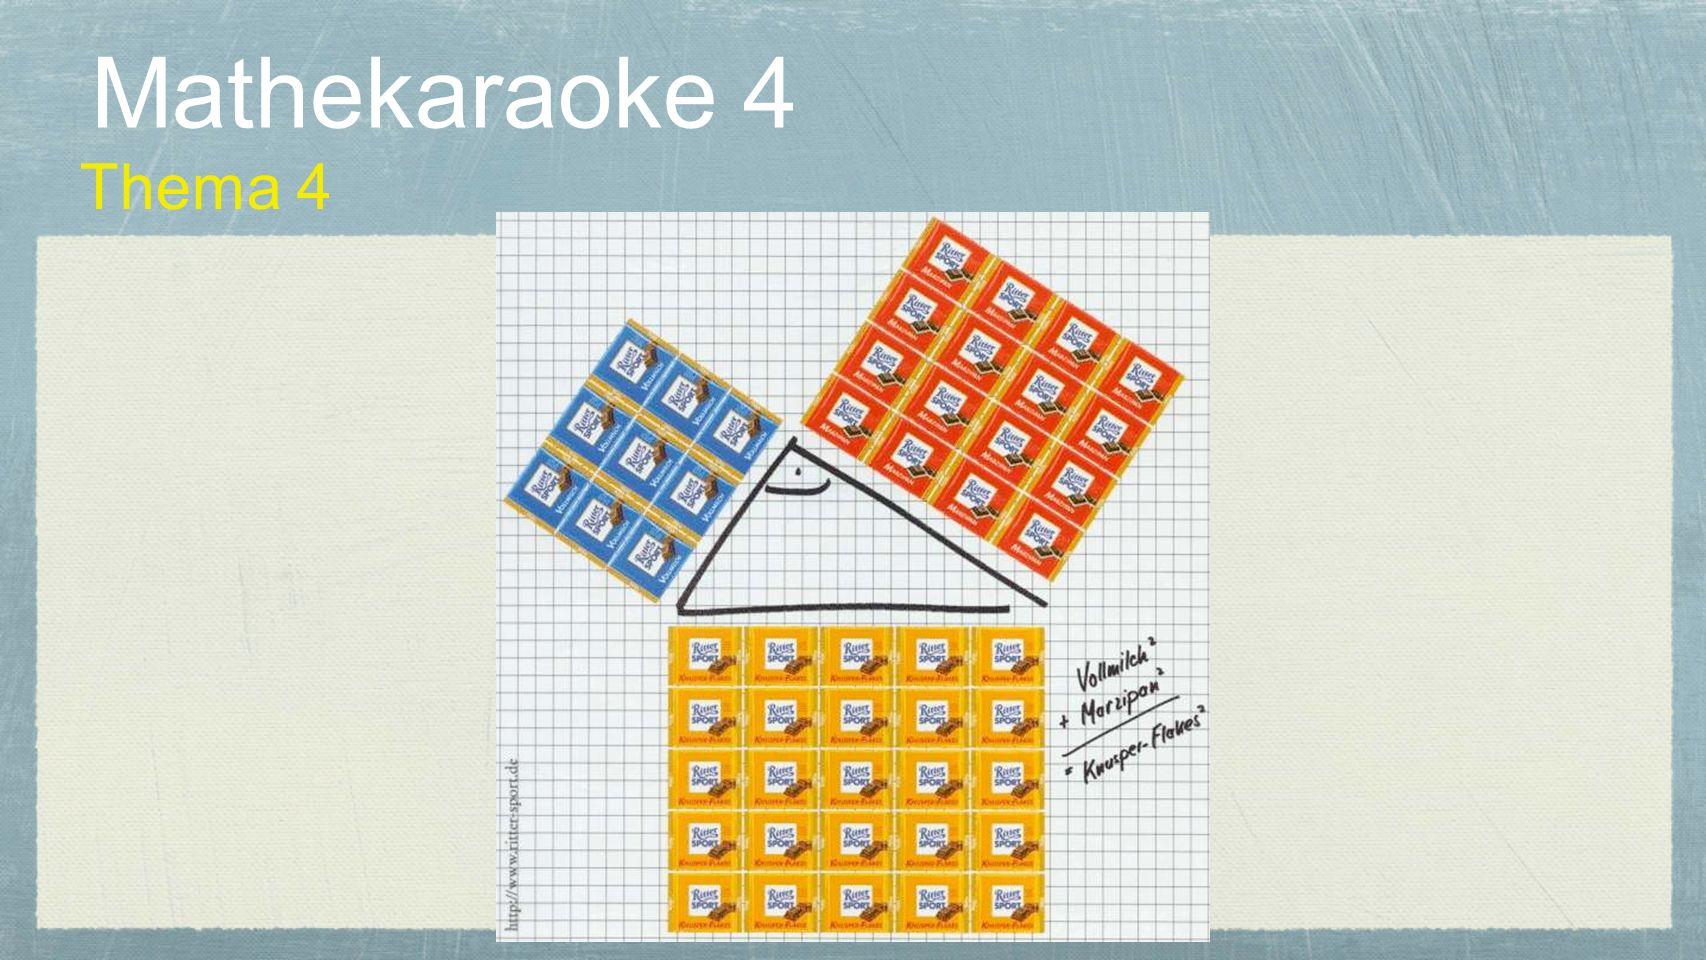 Mathekaraoke 4 Thema 4